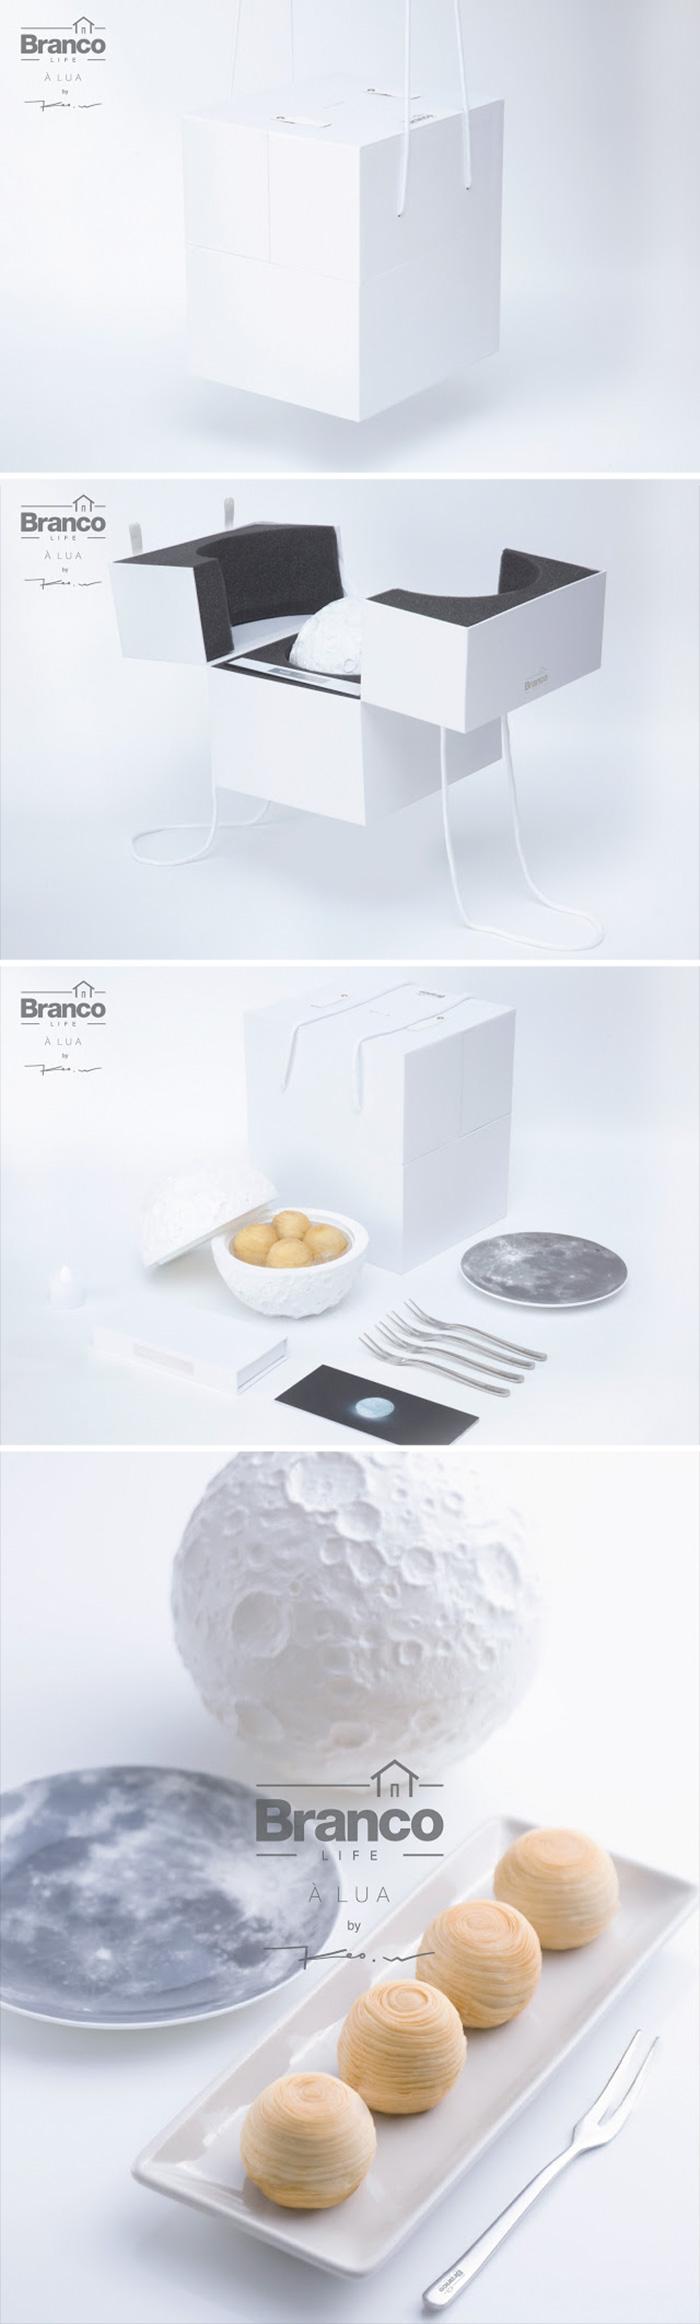 28 примеров гениальной упаковки продуктов, которой не место в мусорном ведре